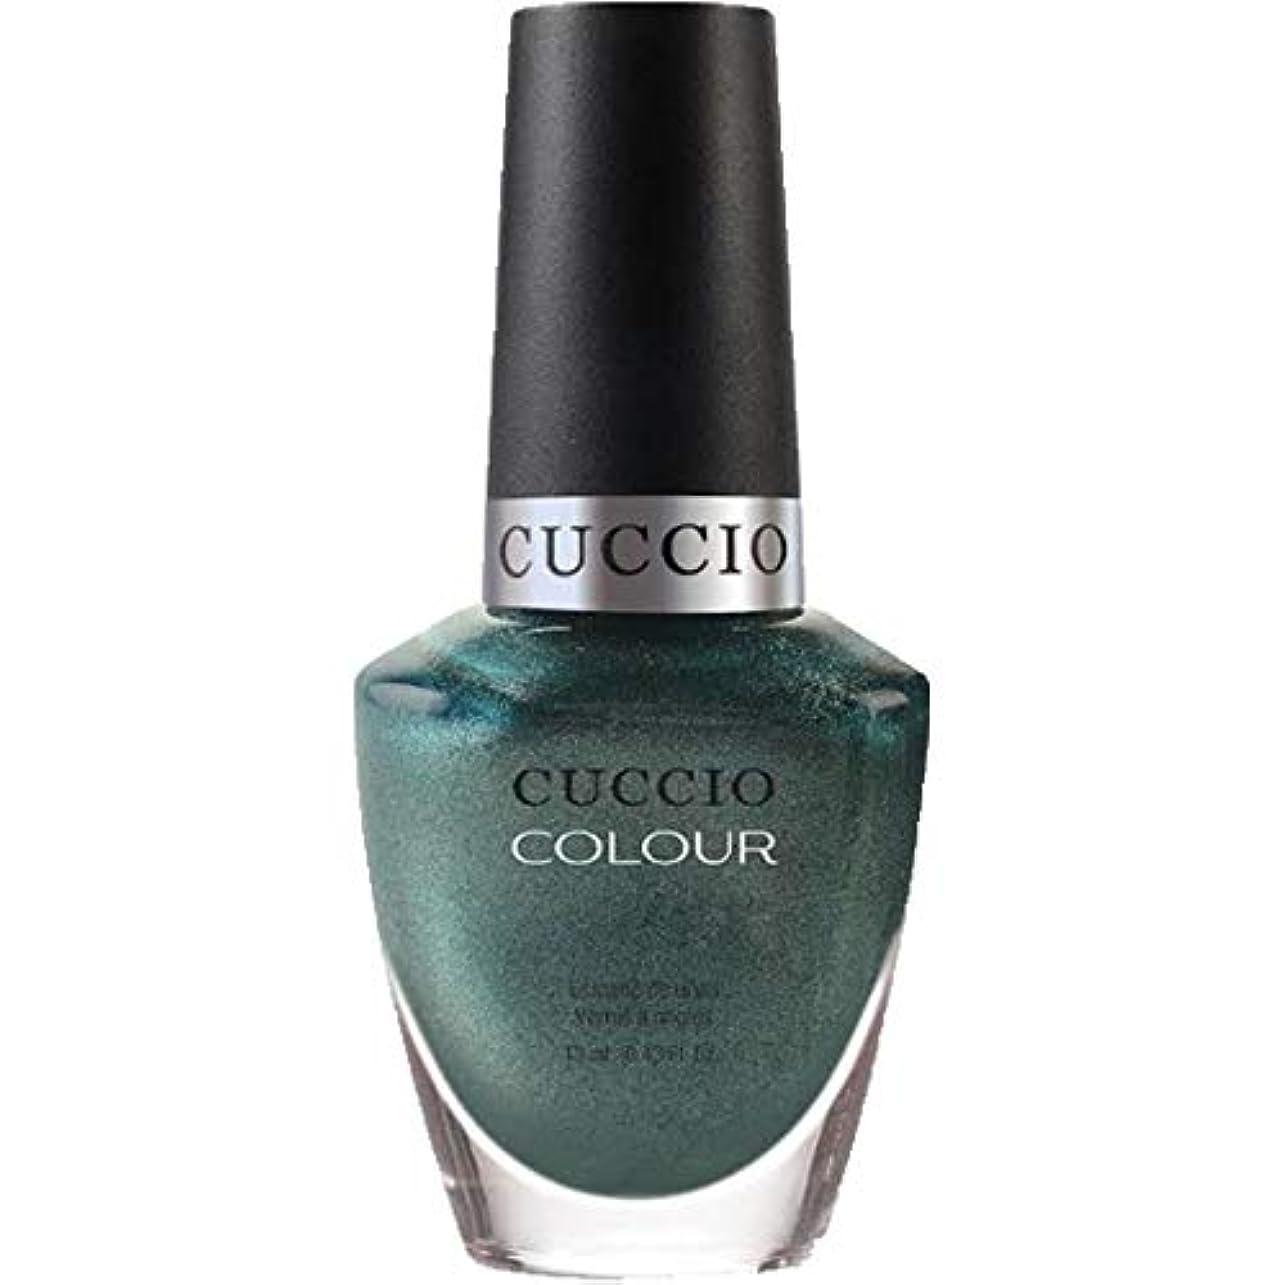 効果的にやにや合成Cuccio Colour Gloss Lacquer - Notorious - 0.43oz / 13ml